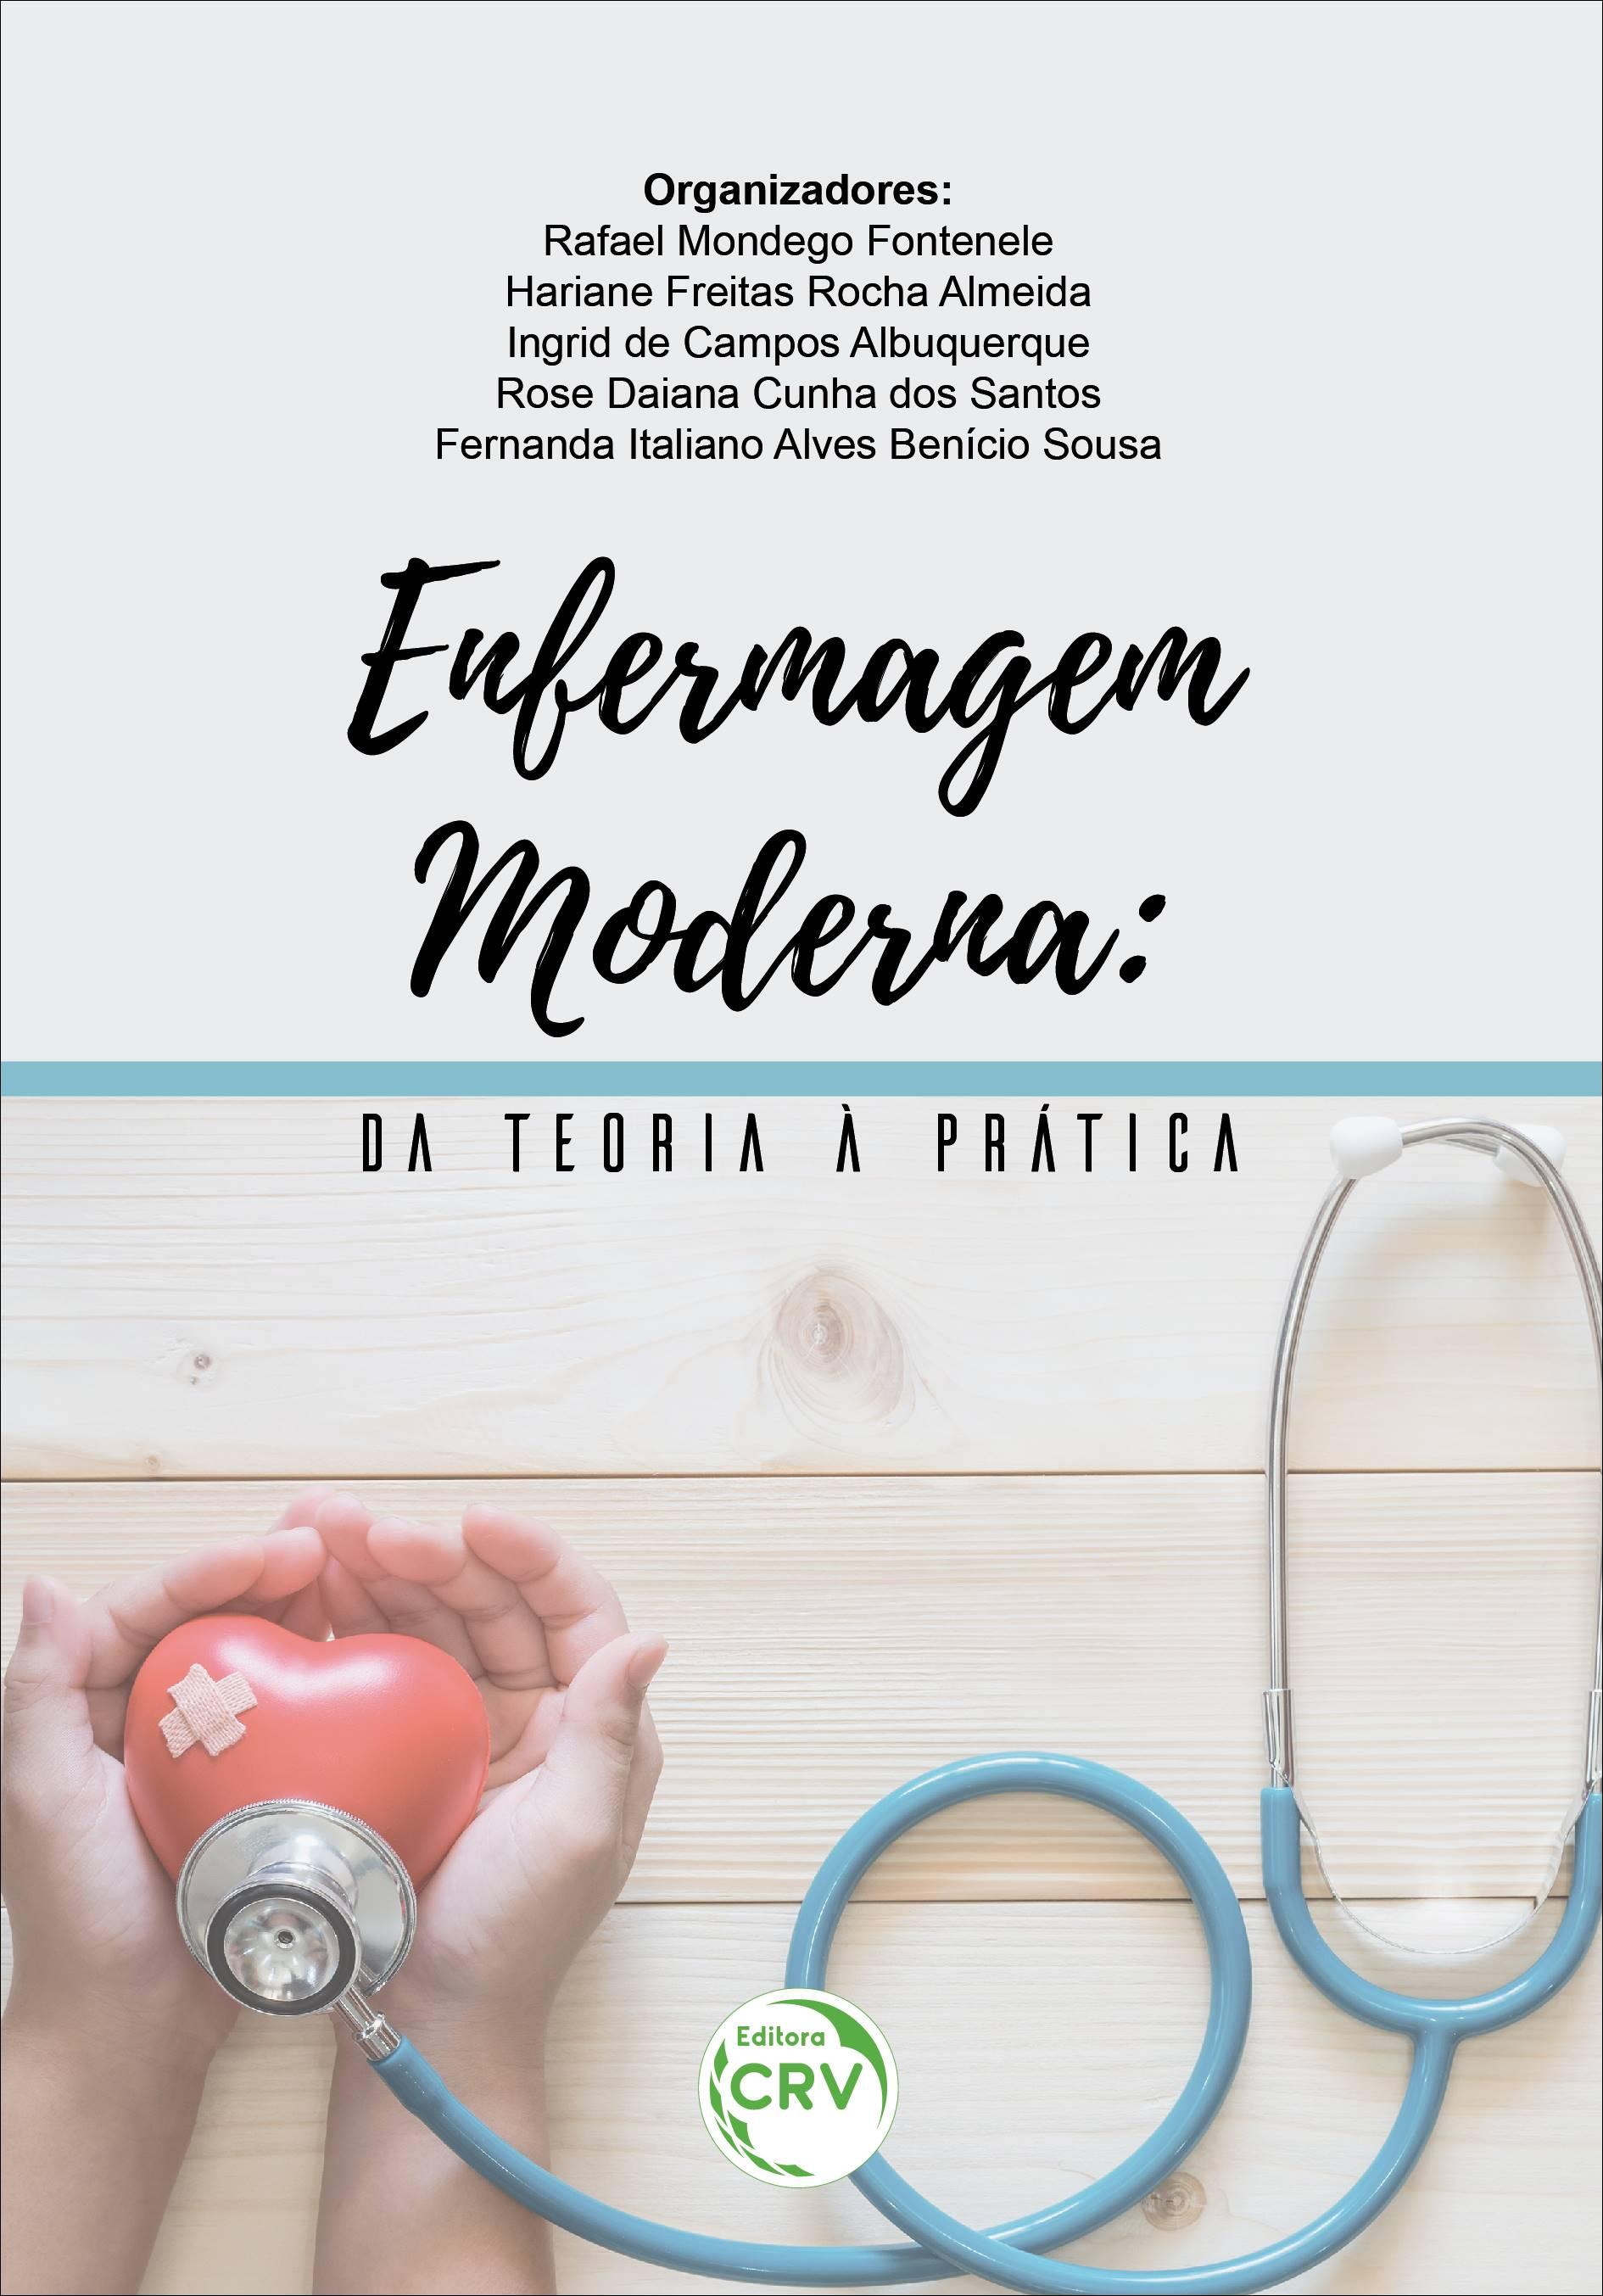 Capa do livro: ENFERMAGEM MODERNA: <br>da teoria à prática